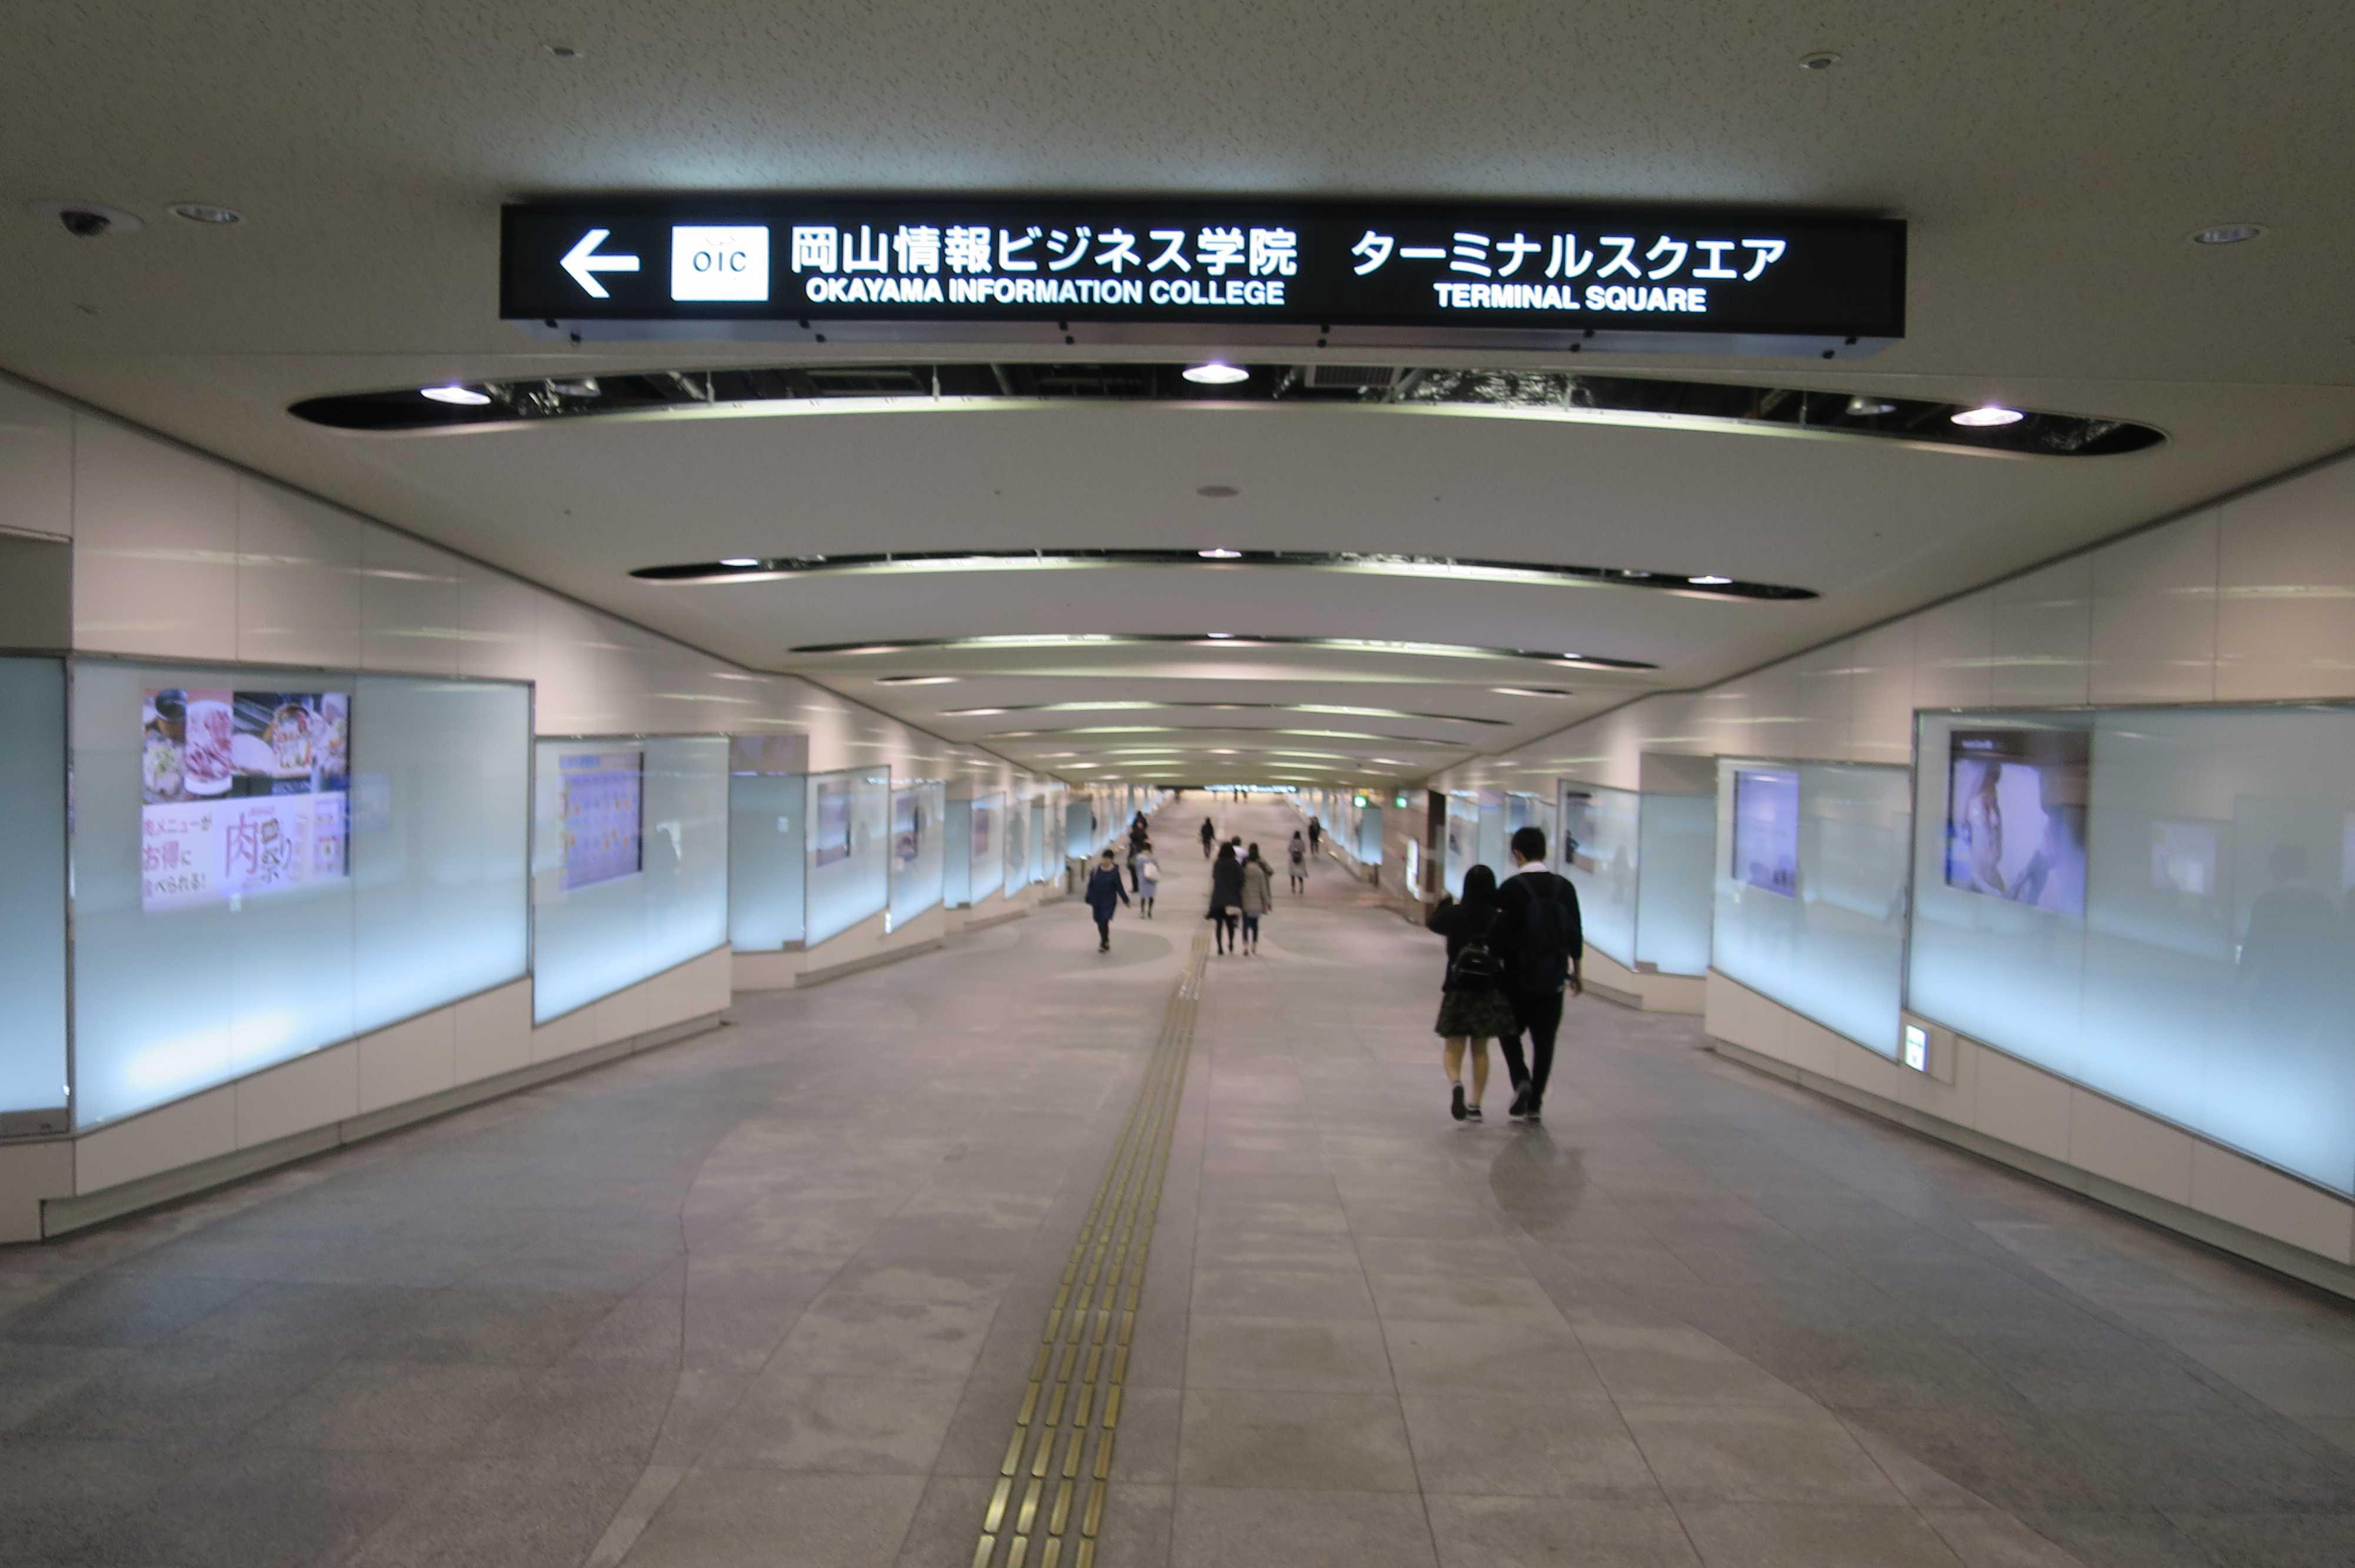 デジタルサイネージ/電子看板の道 - JR岡山駅地下